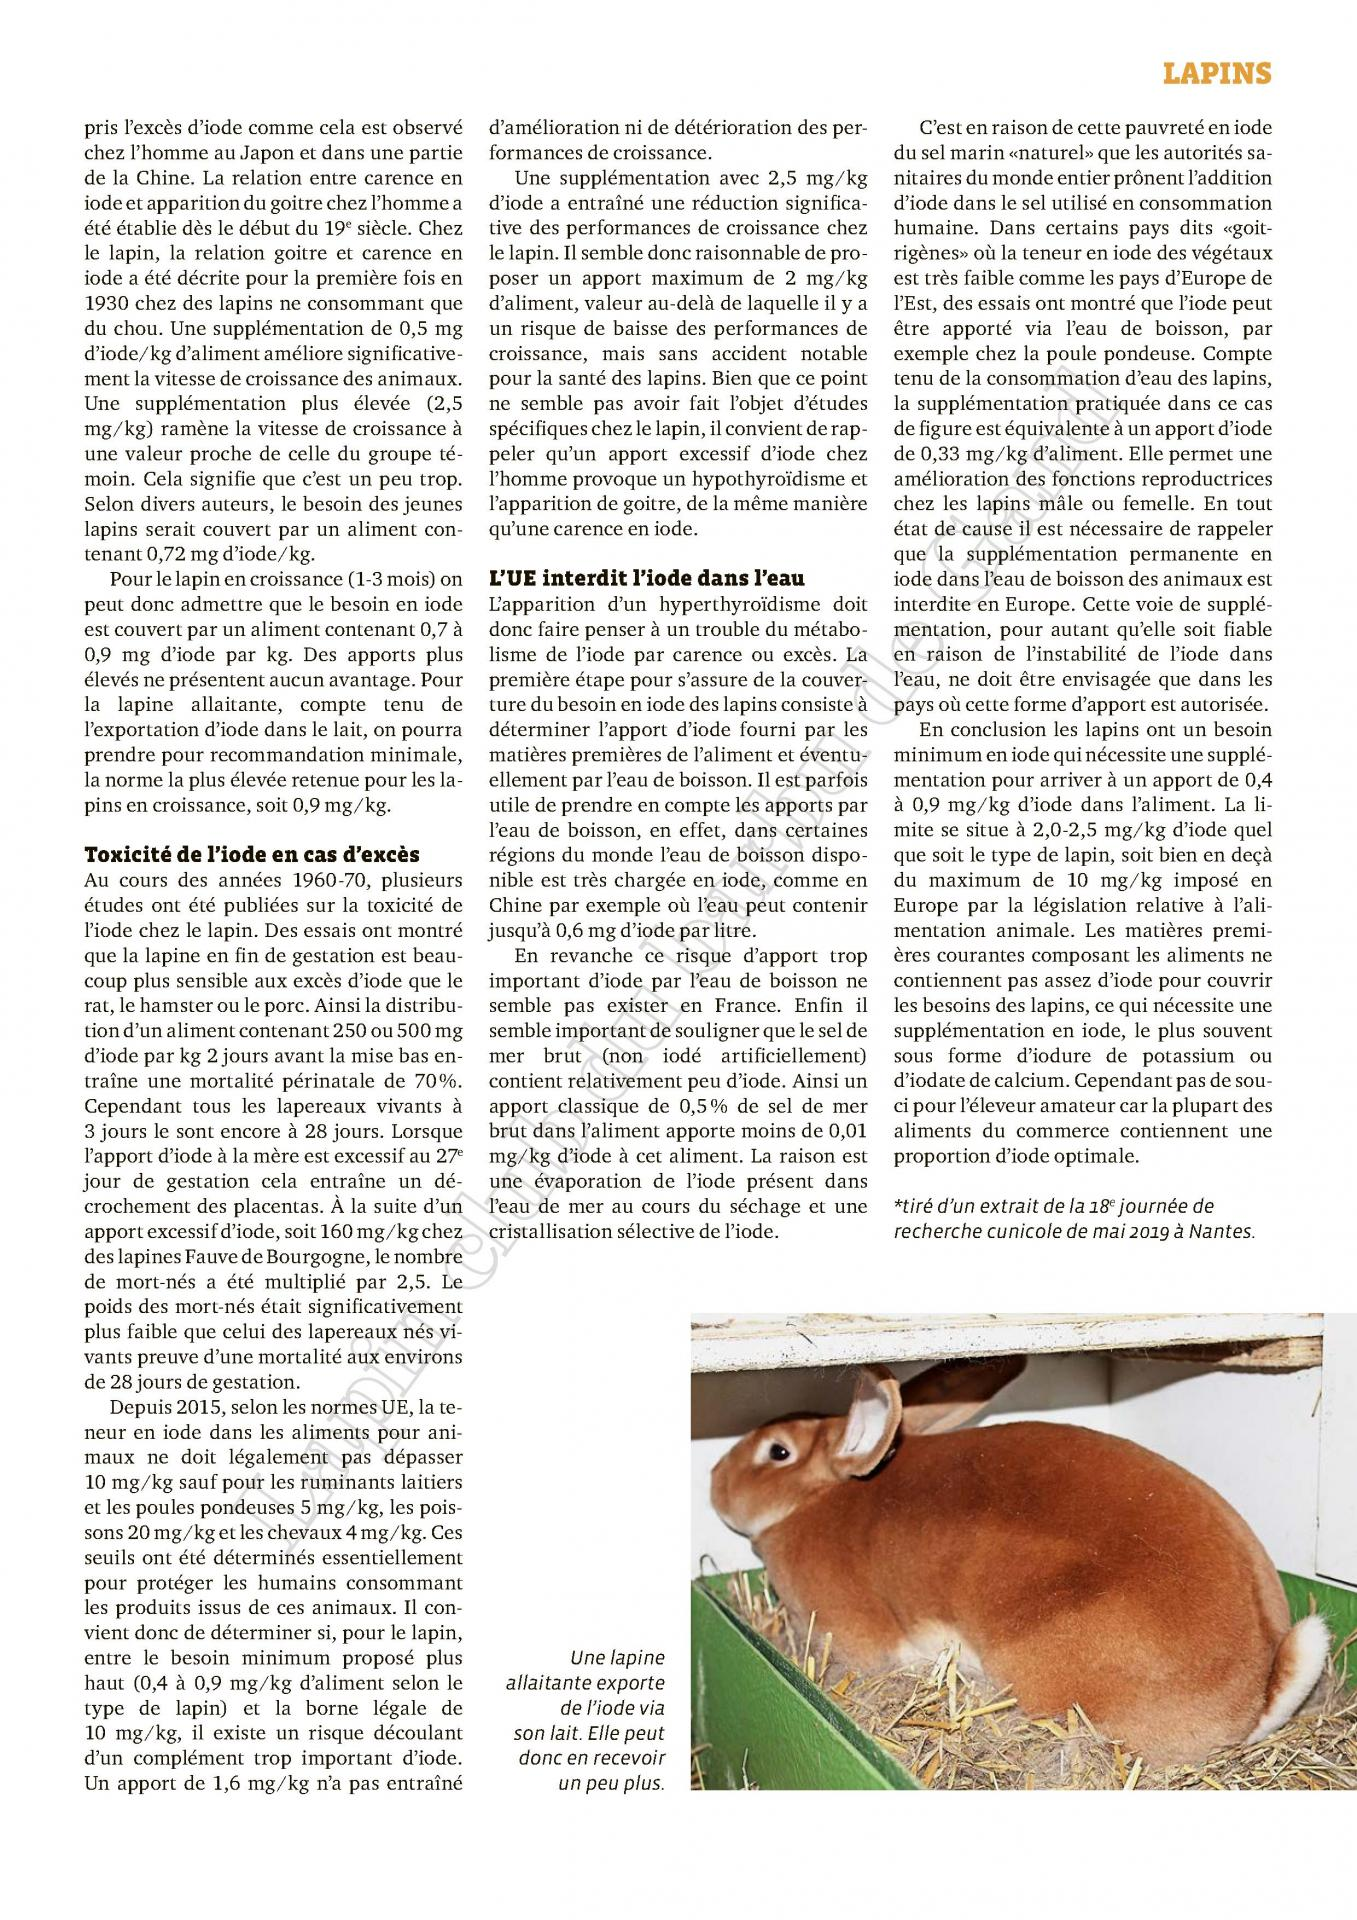 Besoins en iode du lapin carence et exces 2